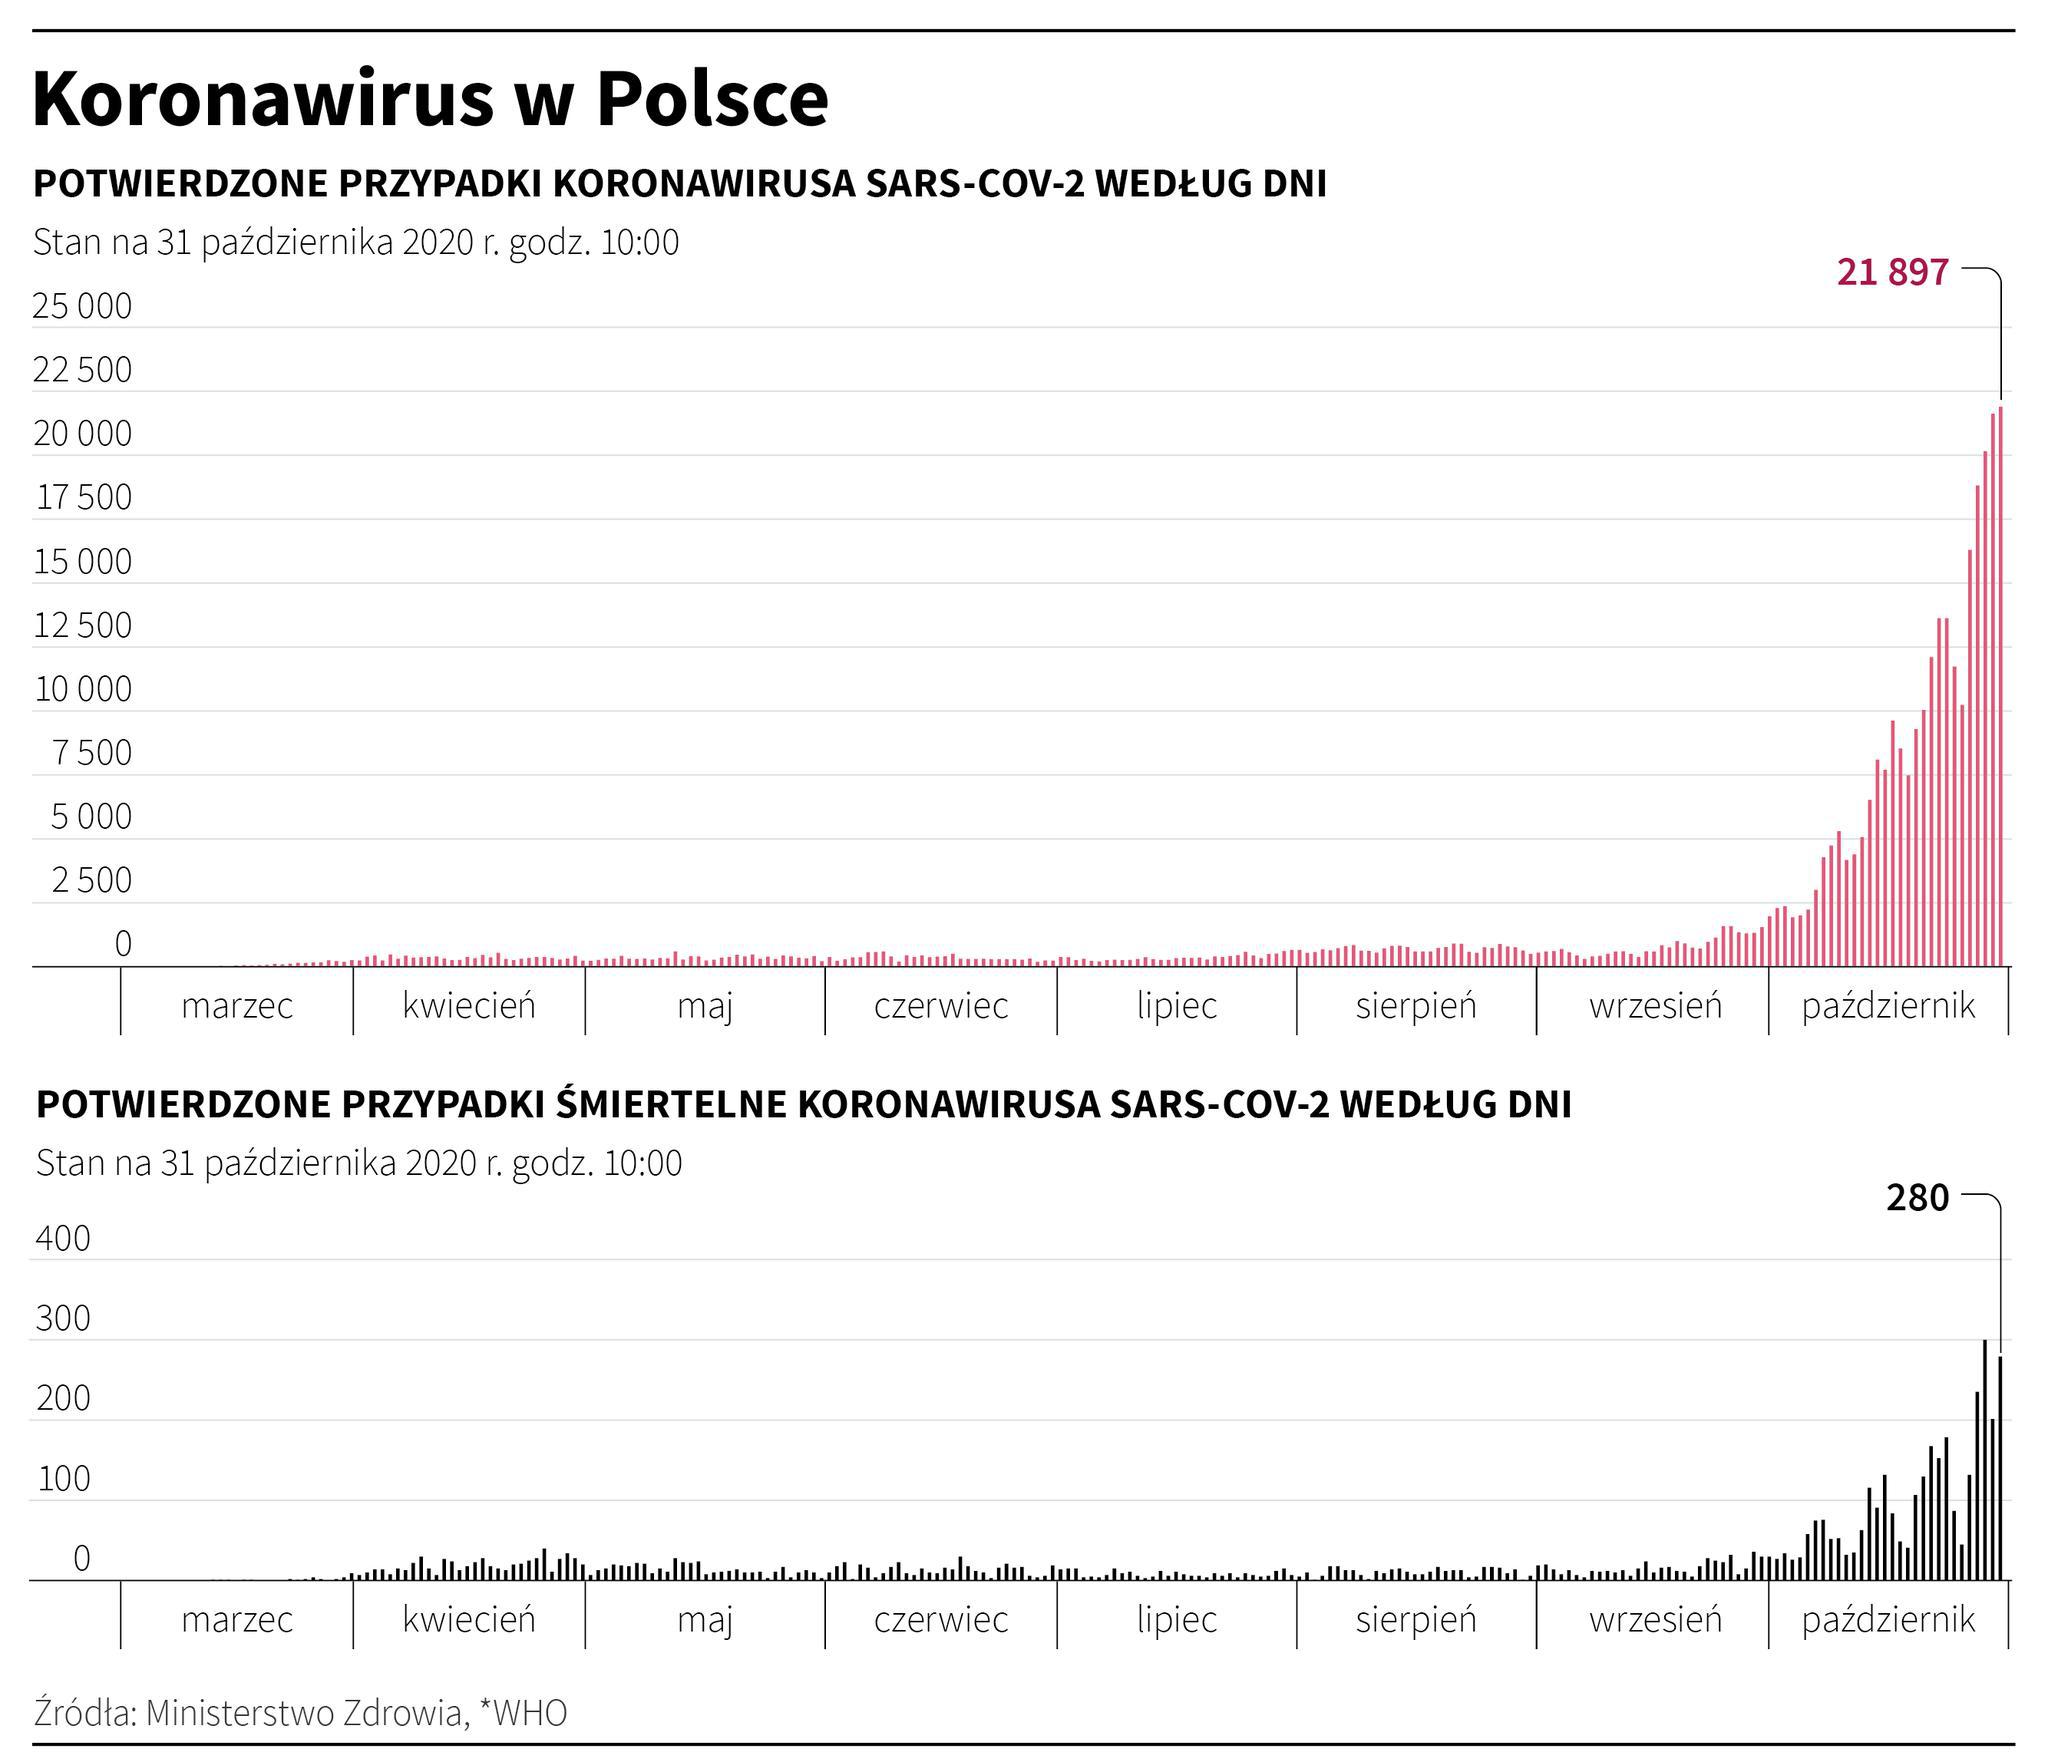 波兰新增新冠肺炎确诊病例21897例 累计确诊362731例